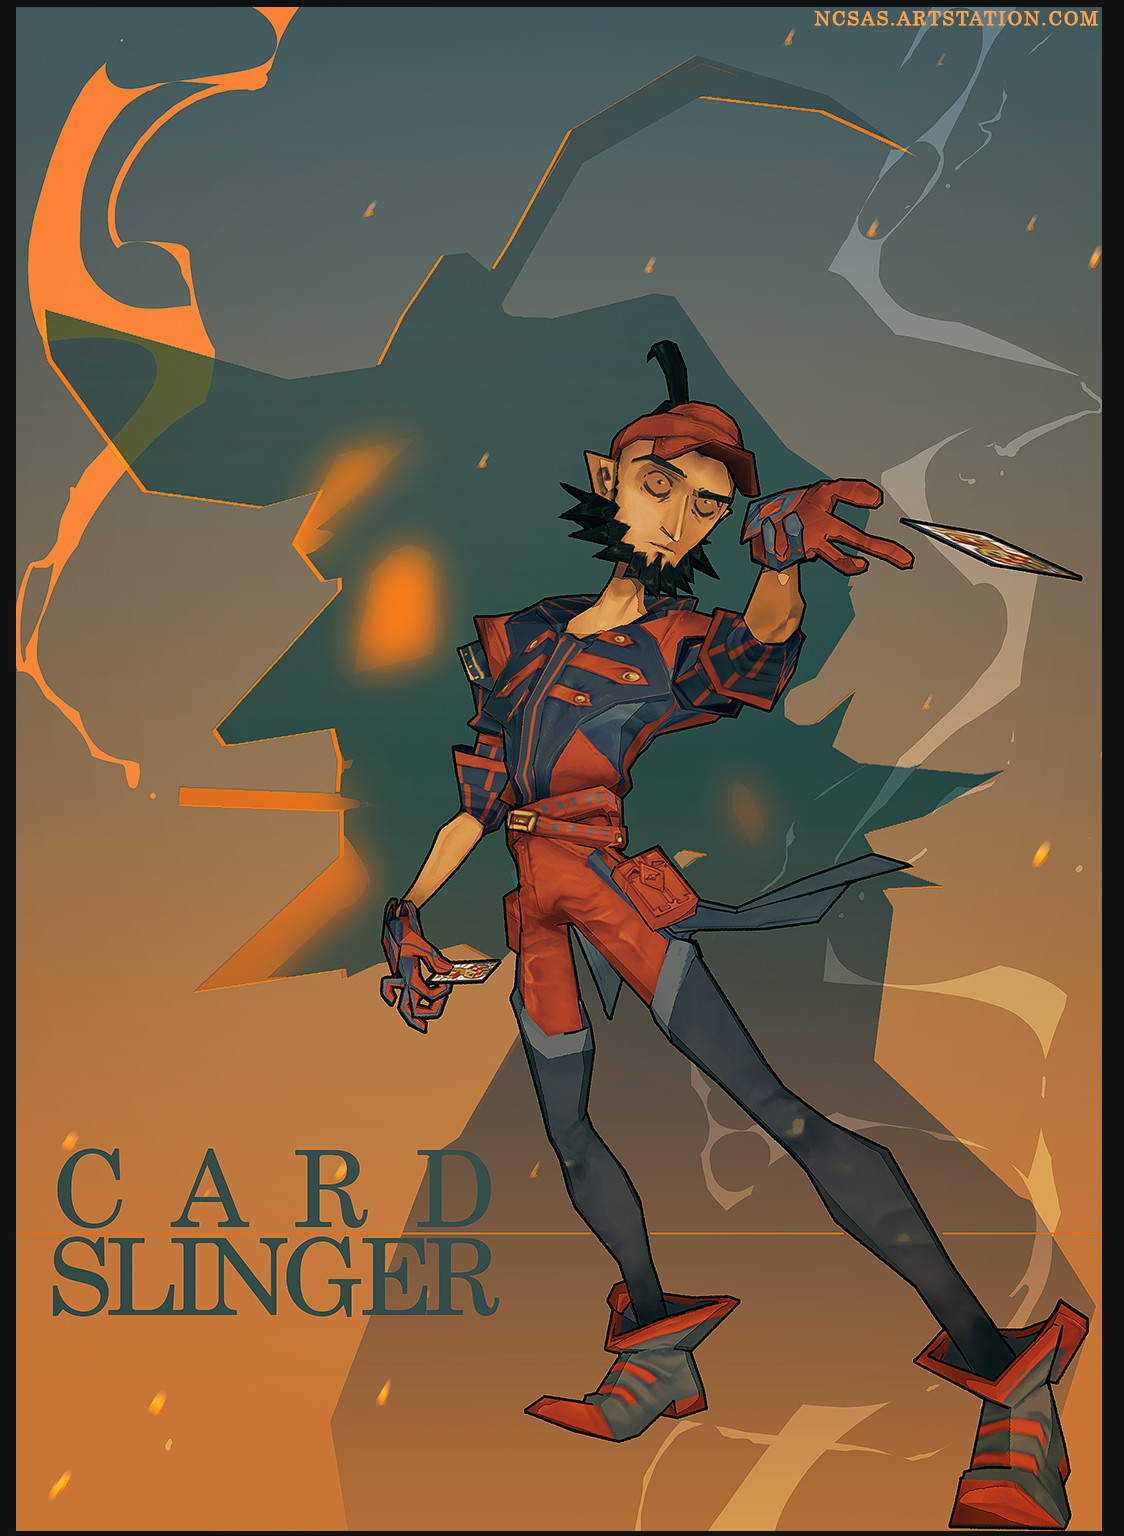 Cardslinger